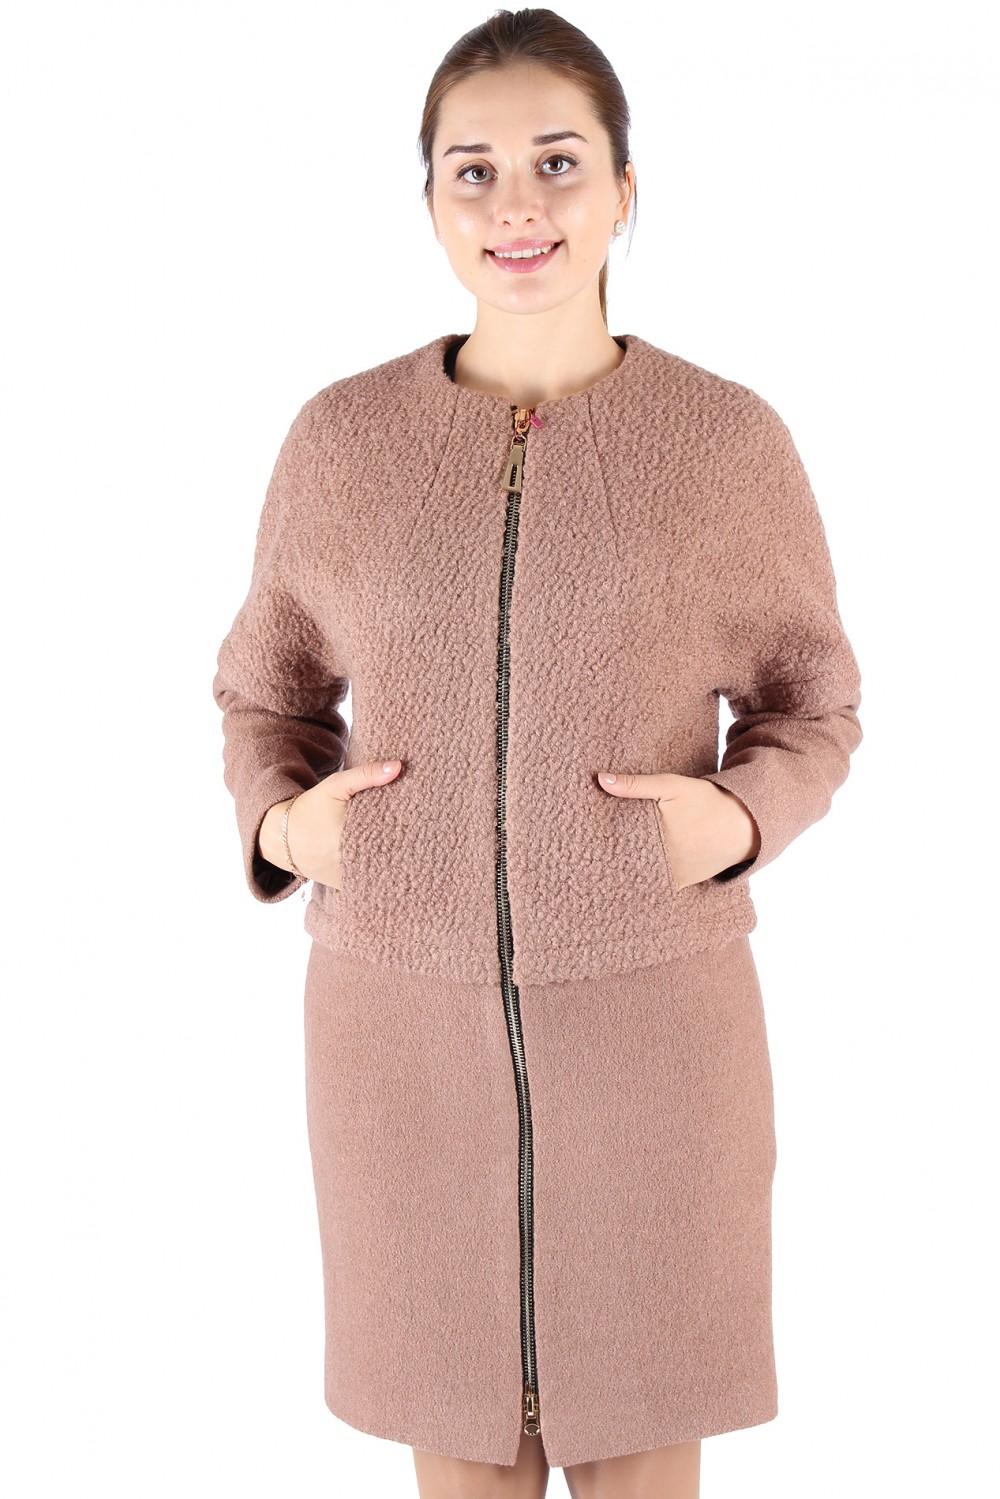 Купить оптом Пальто женское бежевого цвета 373B в Уфе